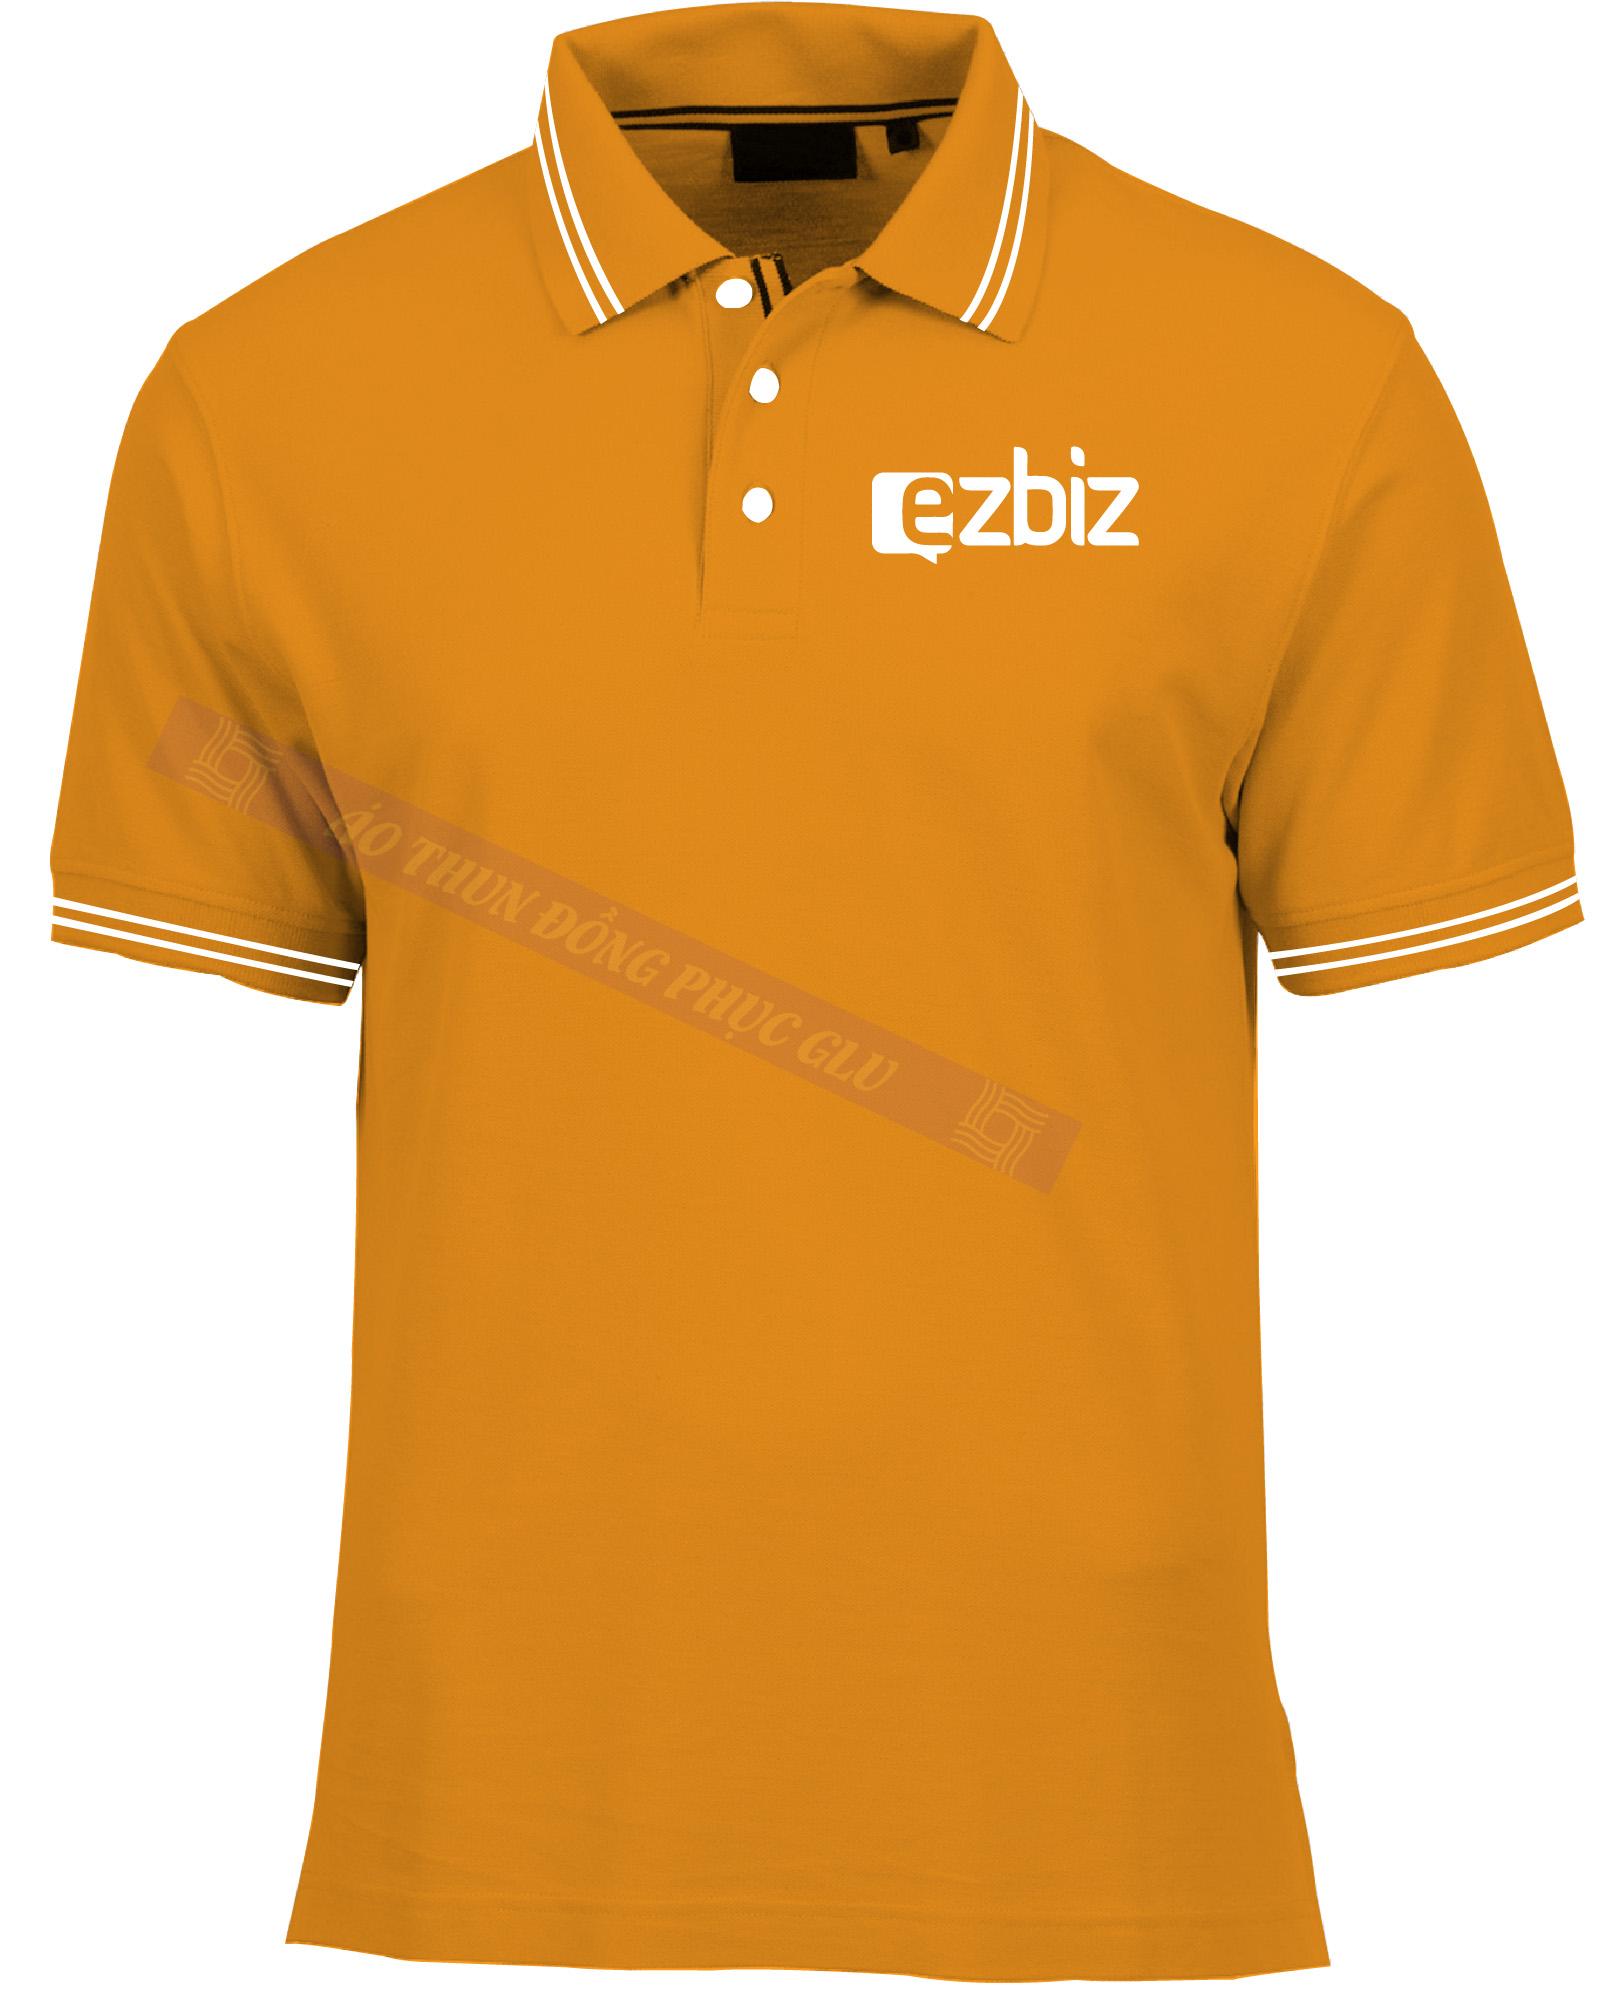 AO THUN EZBIZ AT73 áo thun đồng phục đẹp